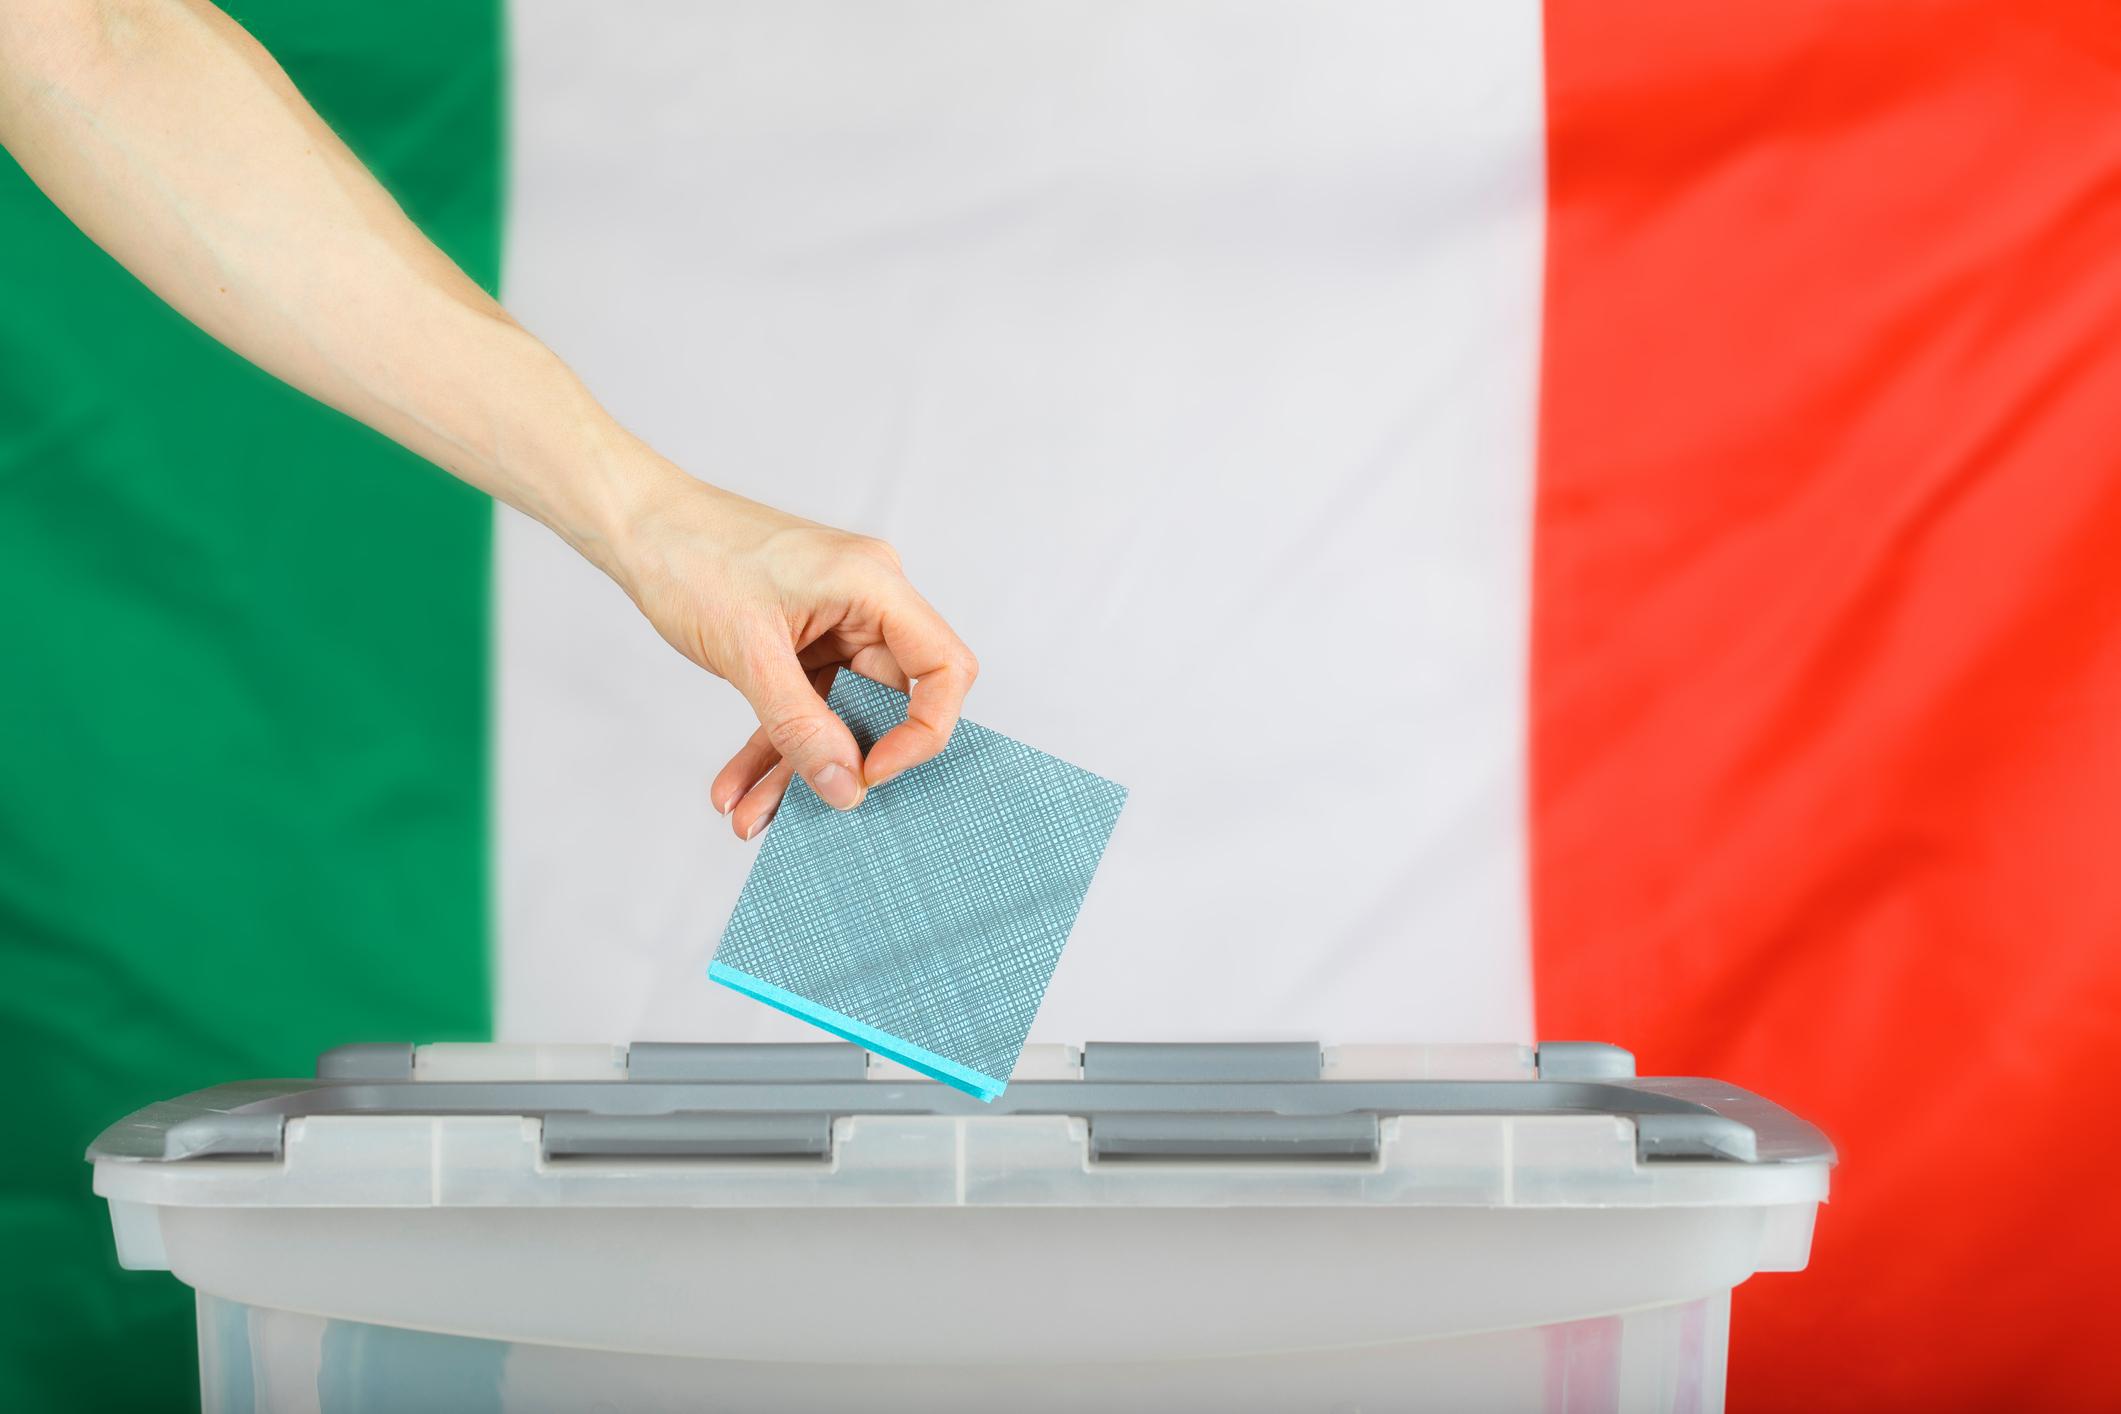 La legge n. 3/2019 (c.d. spazzacorrotti) -  Cosa prevede la norma. Le novità introdotte dalla riforma. Gli adempimenti dei partiti/movimenti politici in occasione di consultazioni elettorali?